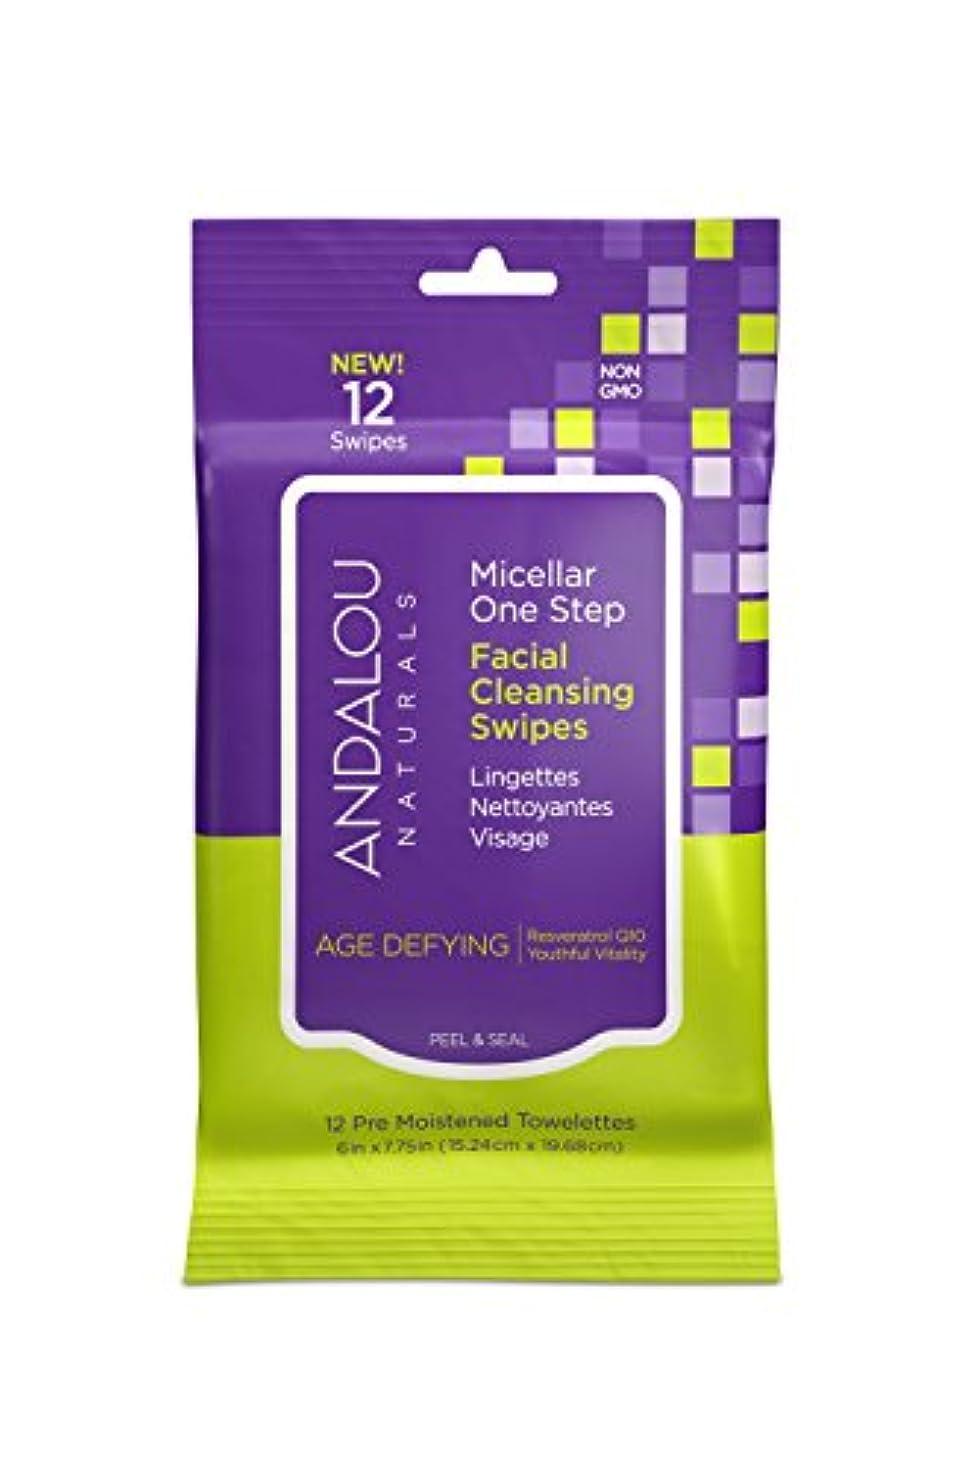 配当設計ミッションオーガニック ボタニカル クレンジングシート 洗顔シート ナチュラル フルーツ幹細胞 「 Aミセラスワイプ 12枚入り 」 ANDALOU naturals アンダルー ナチュラルズ